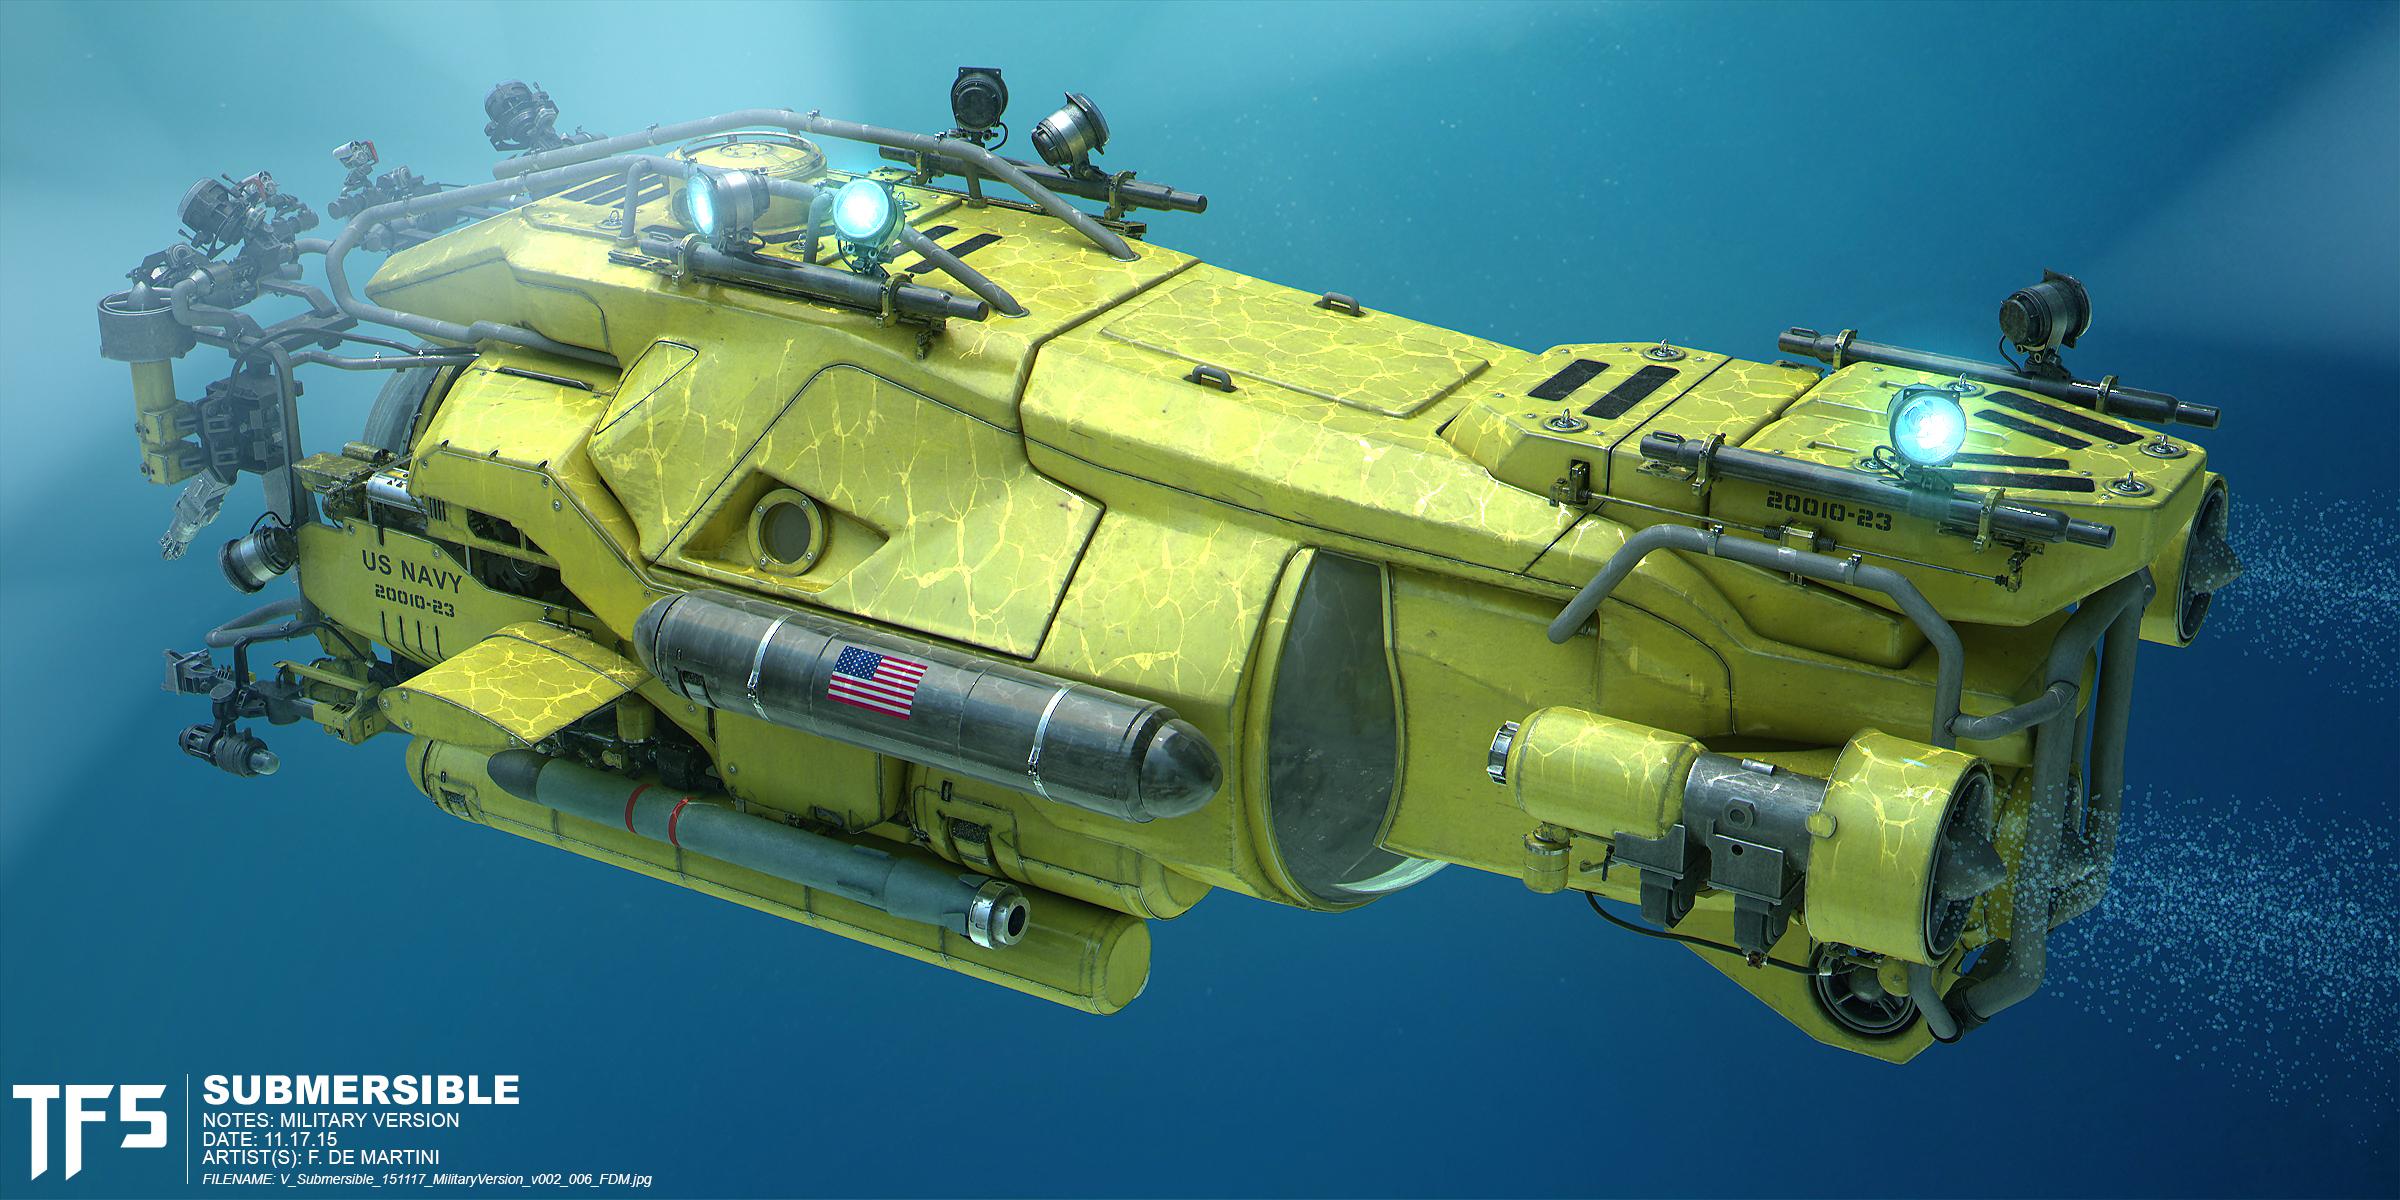 V_Submersible_151117_MilitaryVersion_v002_006_FDM.jpg